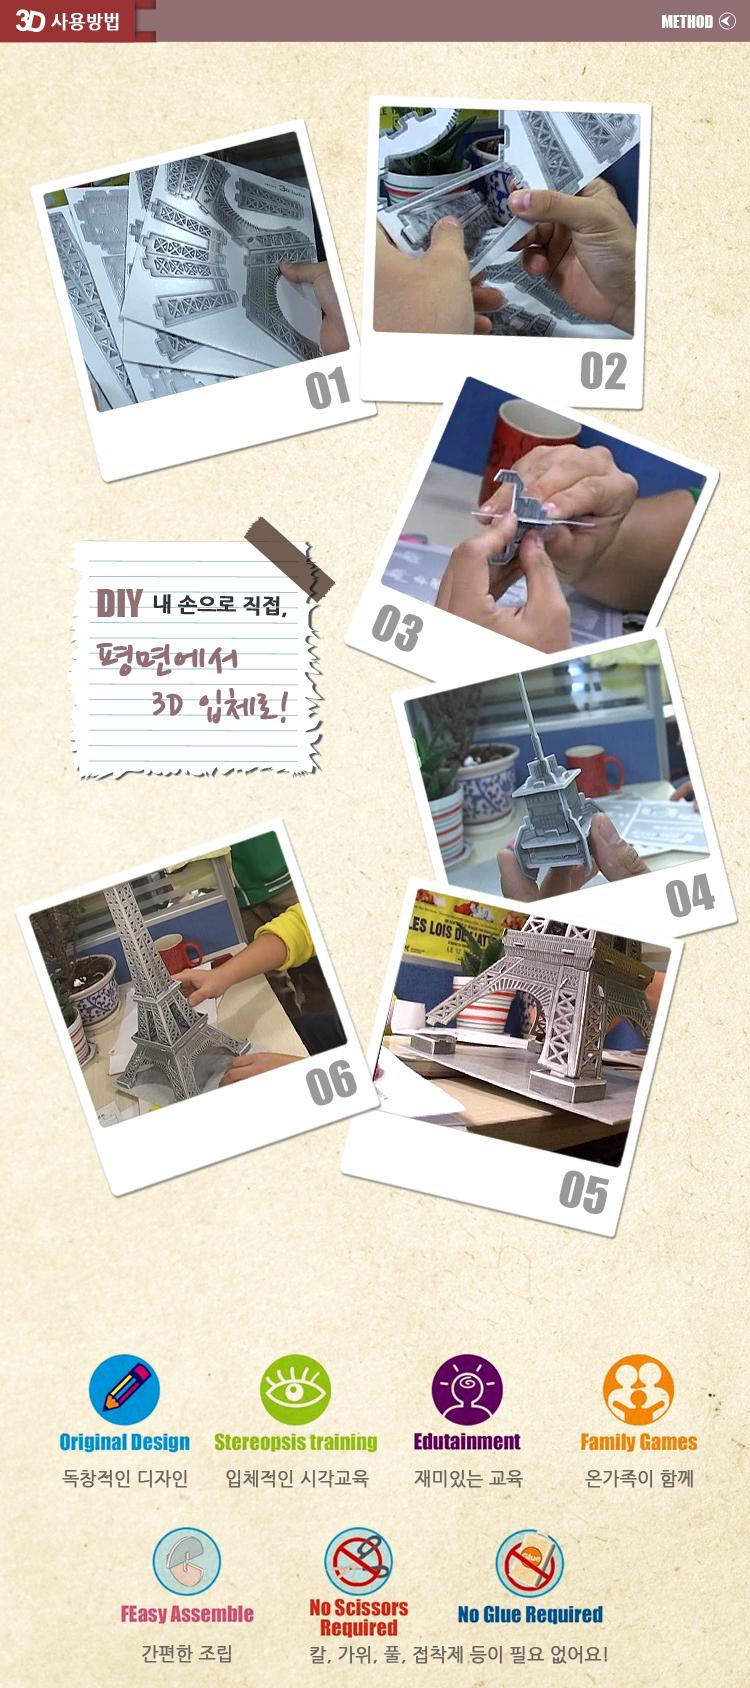 큐빅펀 3D월드스타일 일본 - 큐빅펀, 5,400원, 조각/퍼즐, 3D입체퍼즐